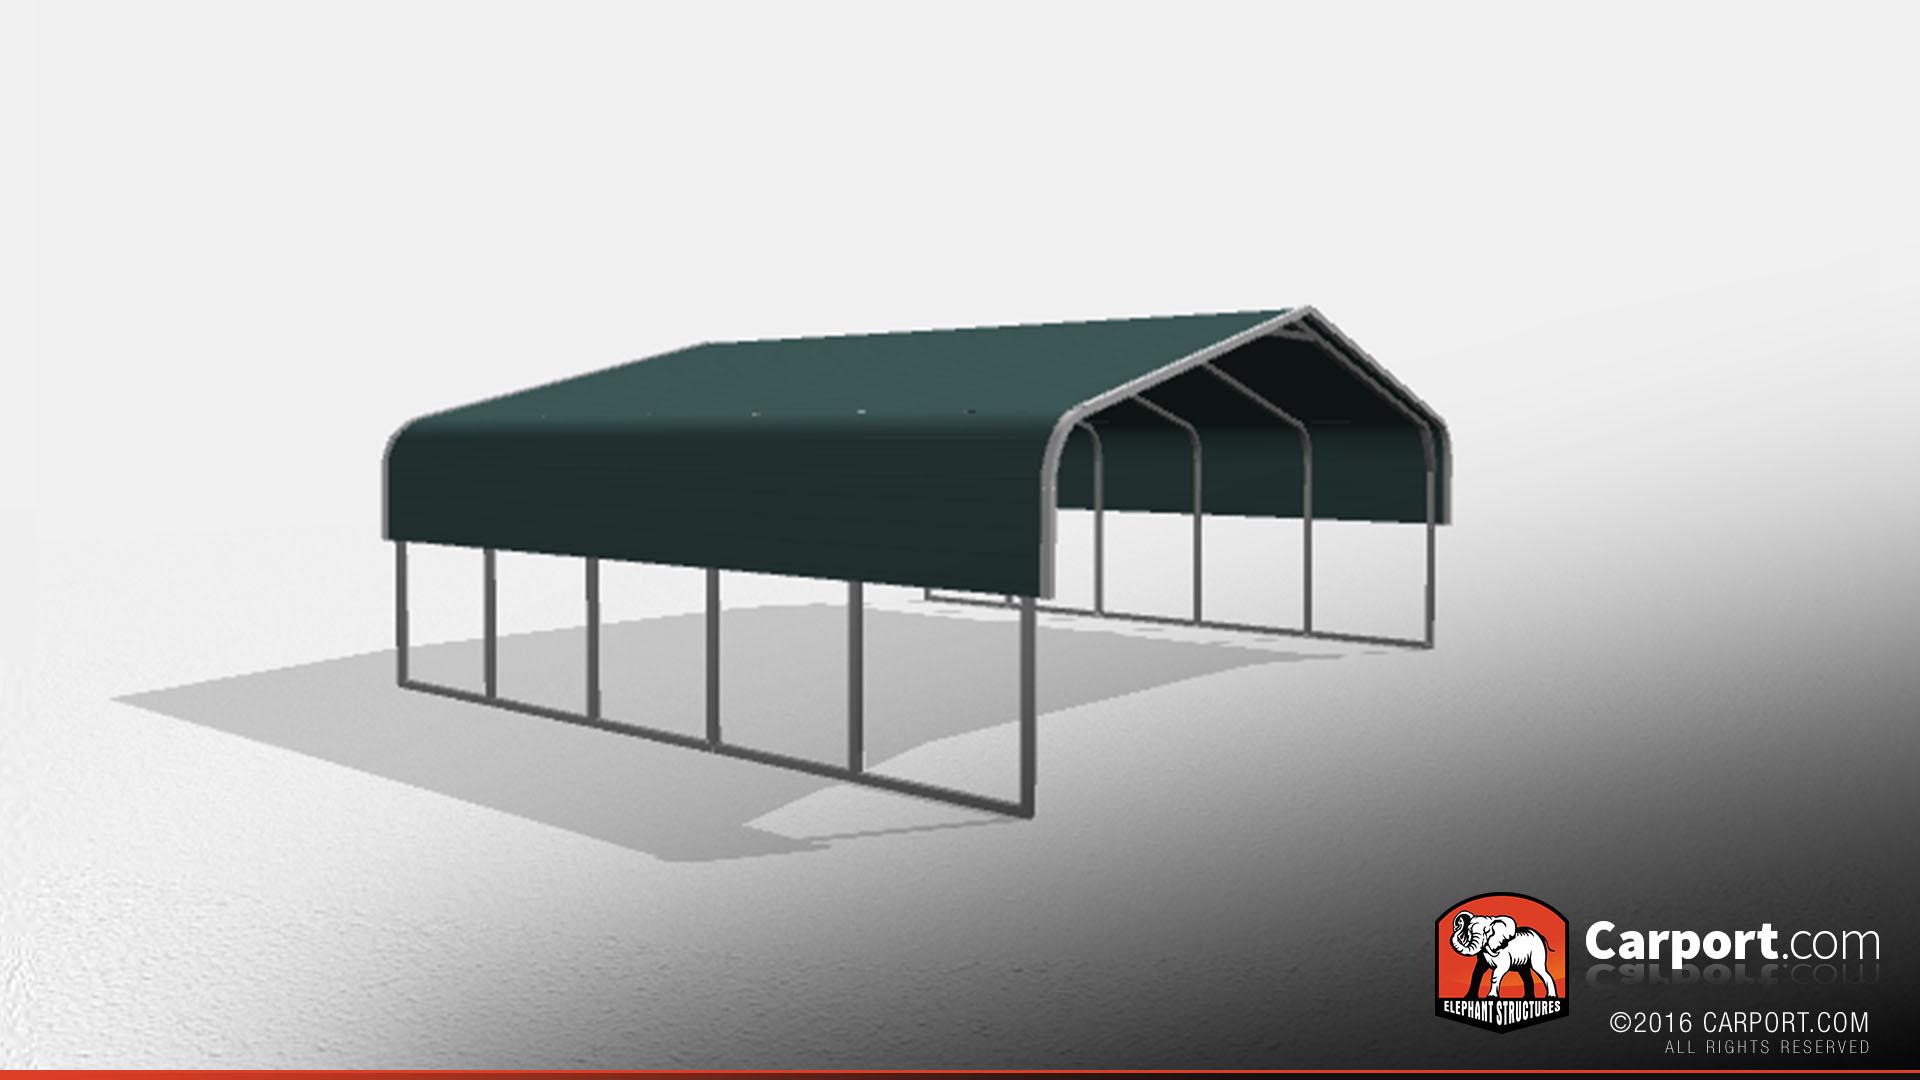 Two car metal carport 24 39 x 21 39 x 7 39 shop carports online for Three car carport